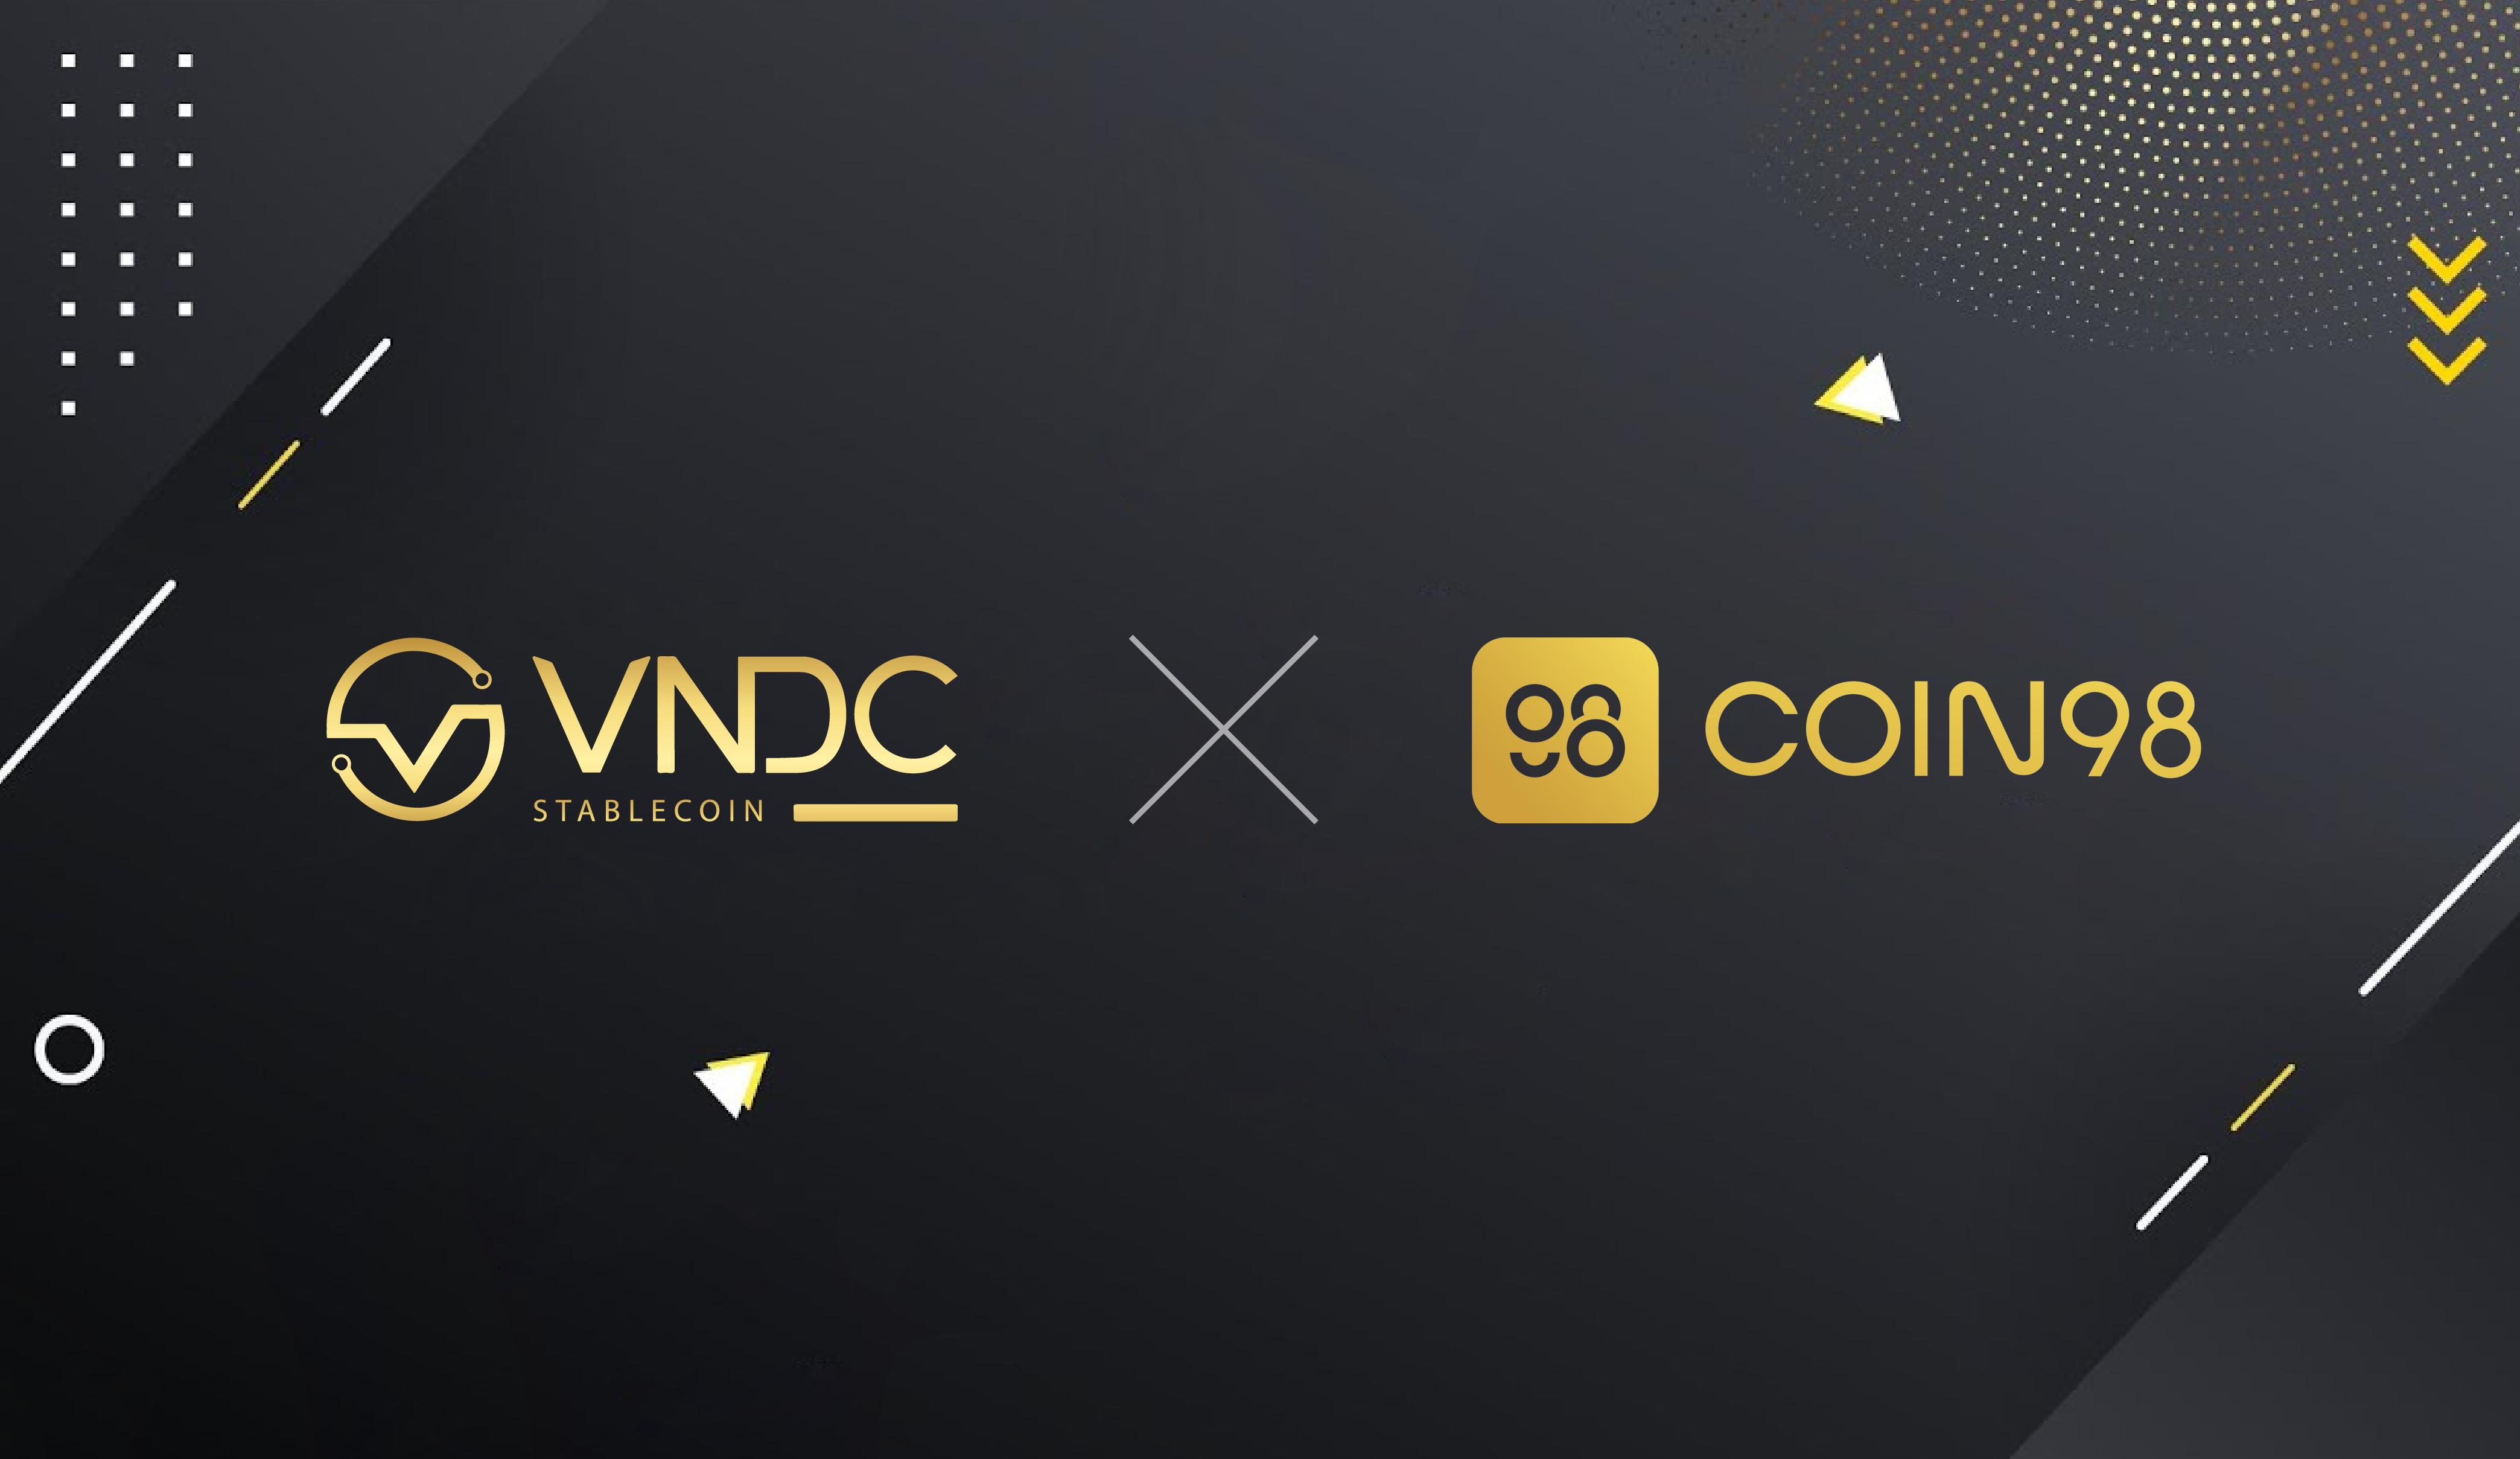 VNDC chính thức được niêm yết trên Coin98 Wallet